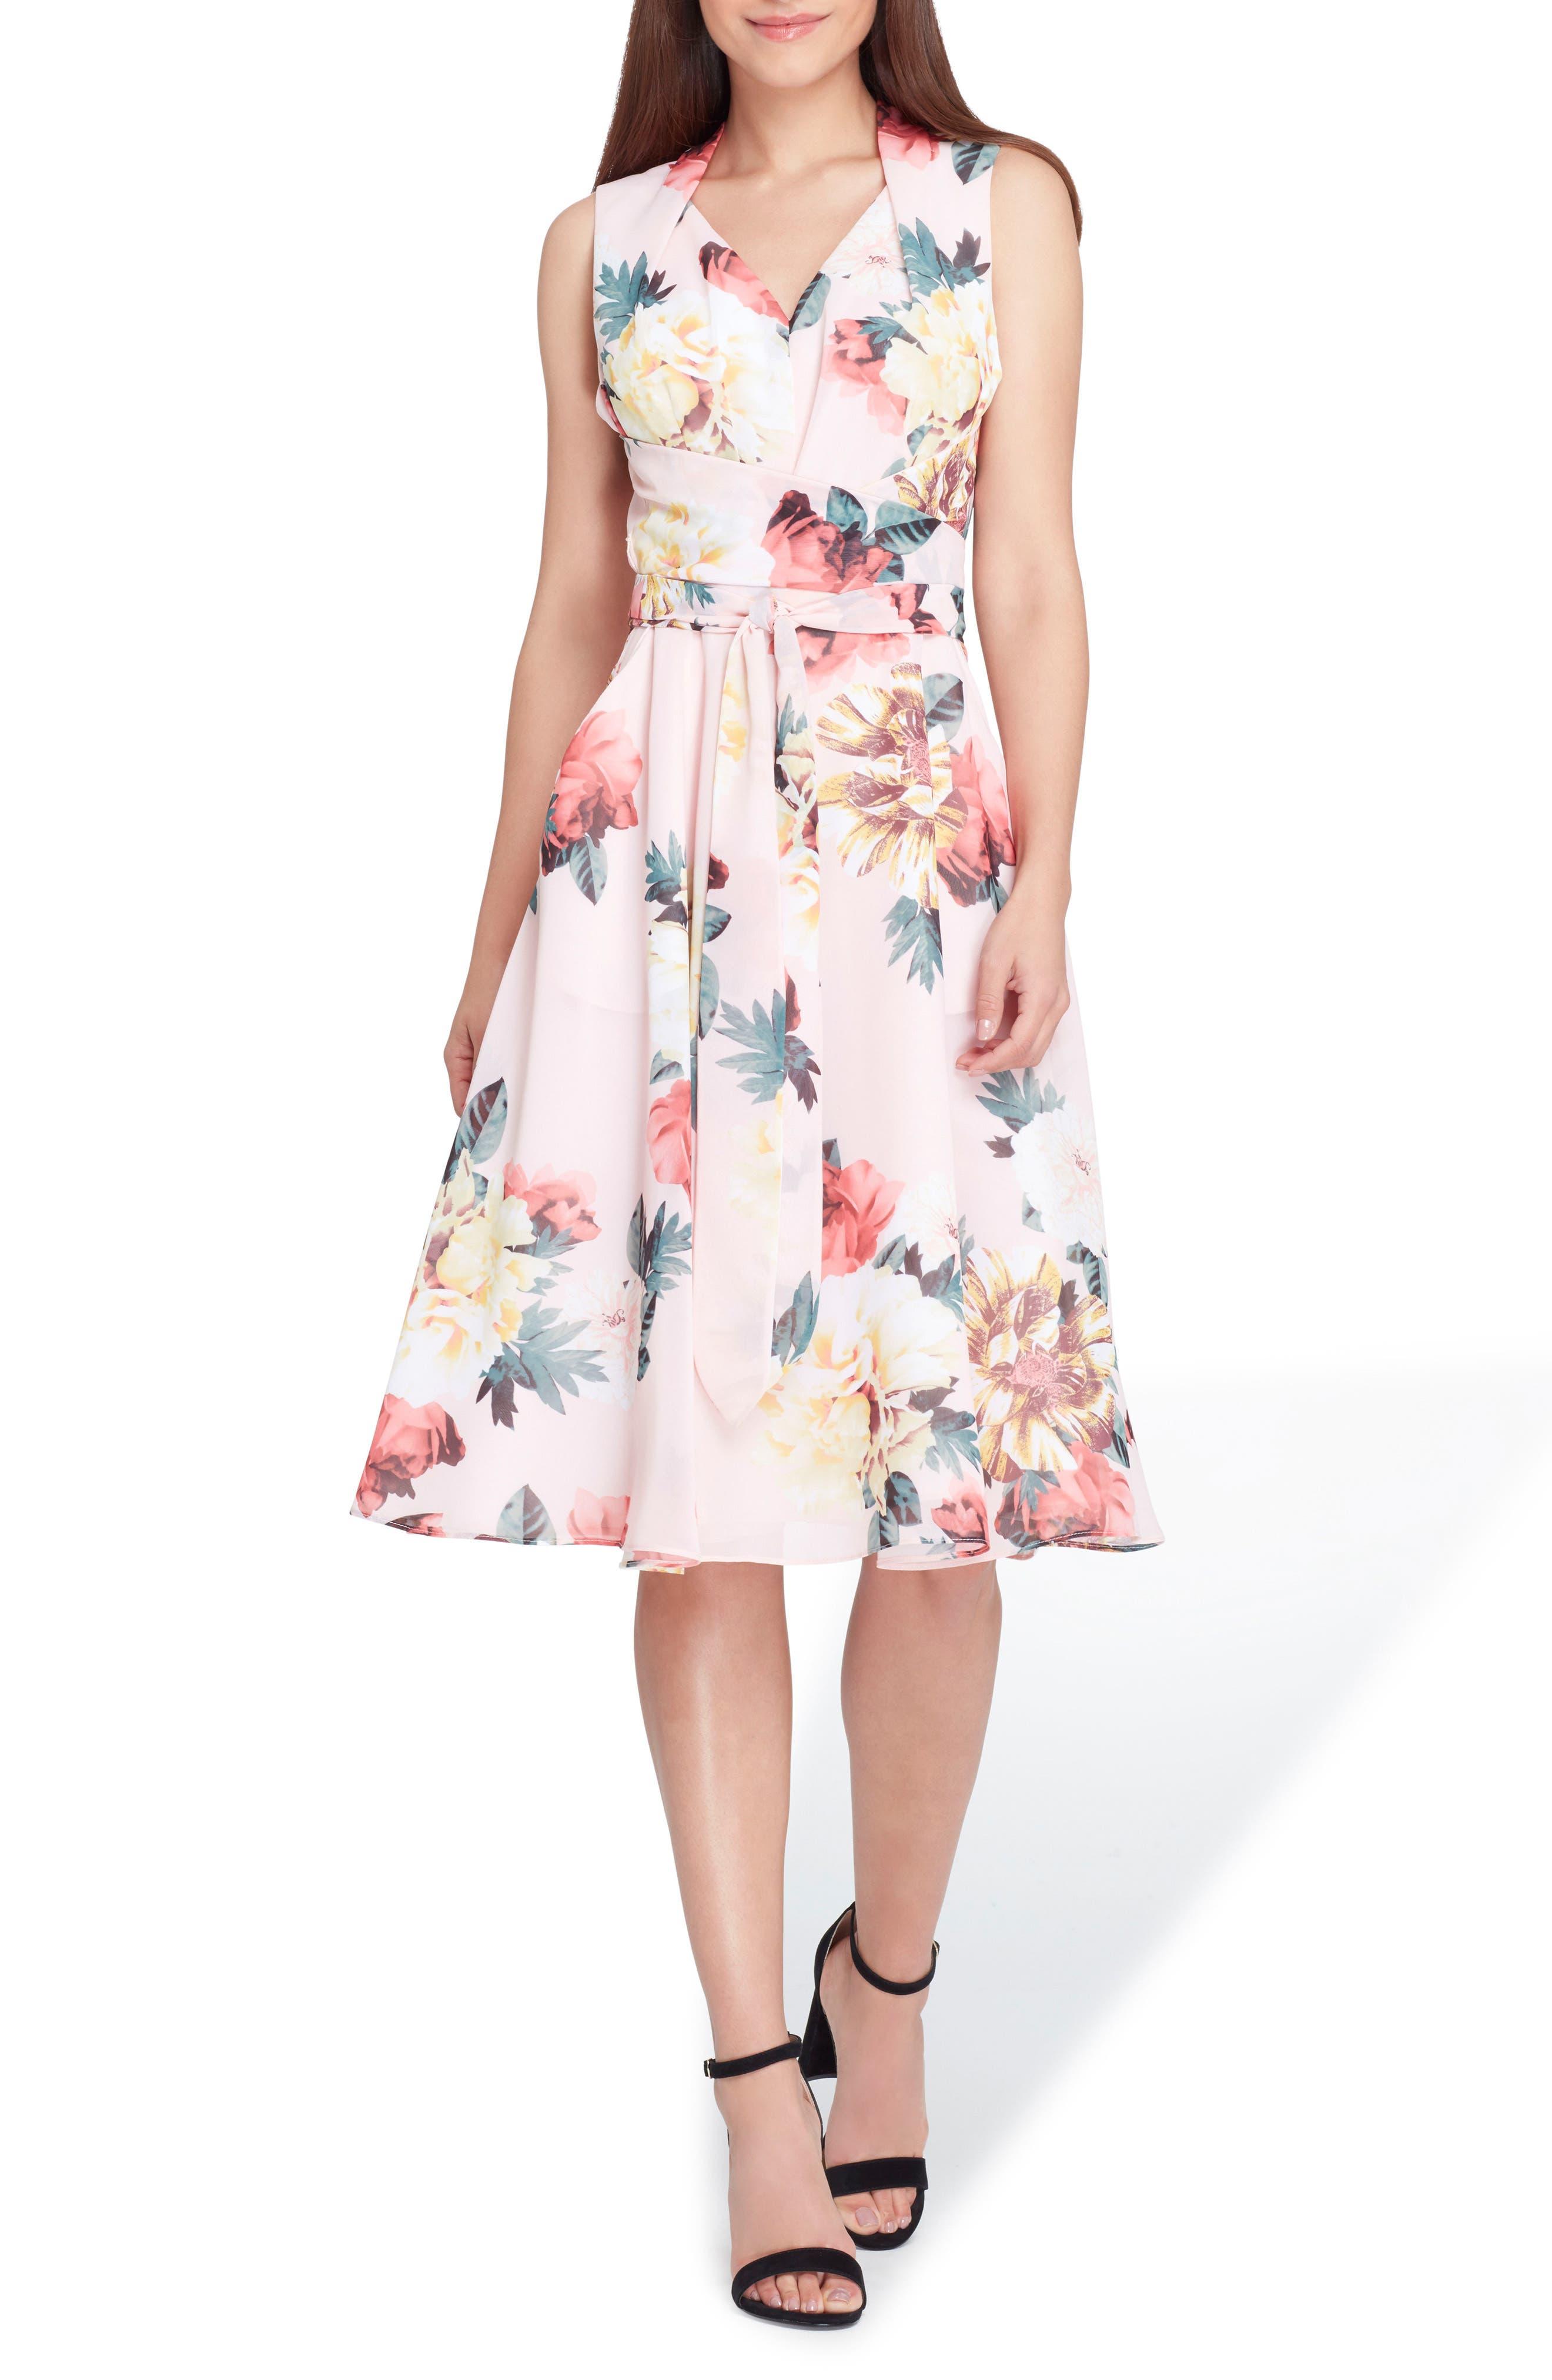 Floral Print Tie Waist Fit & Flare Dress,                         Main,                         color, Blush/ Lemon/ Coral